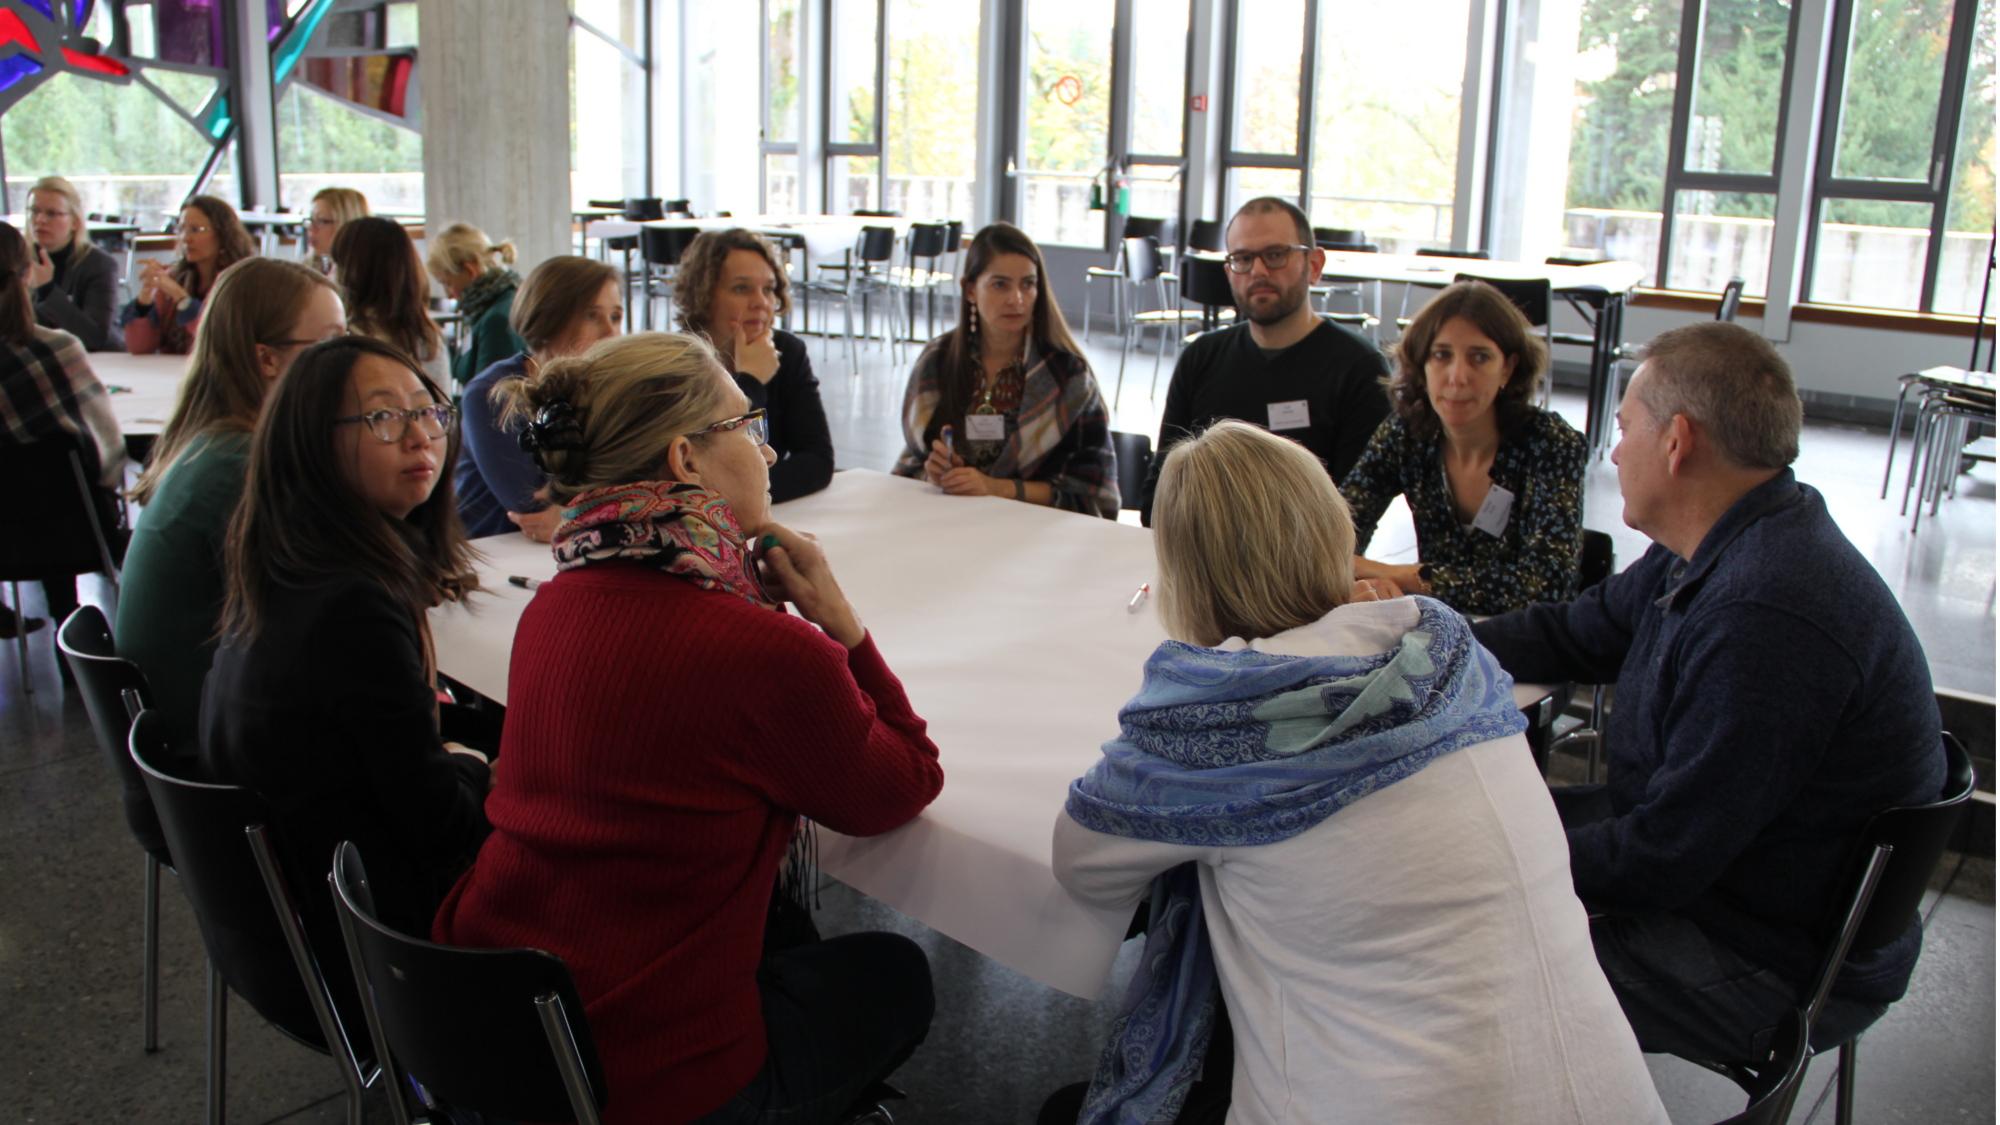 KonferenzteilnehmerInnen in der Diskussion